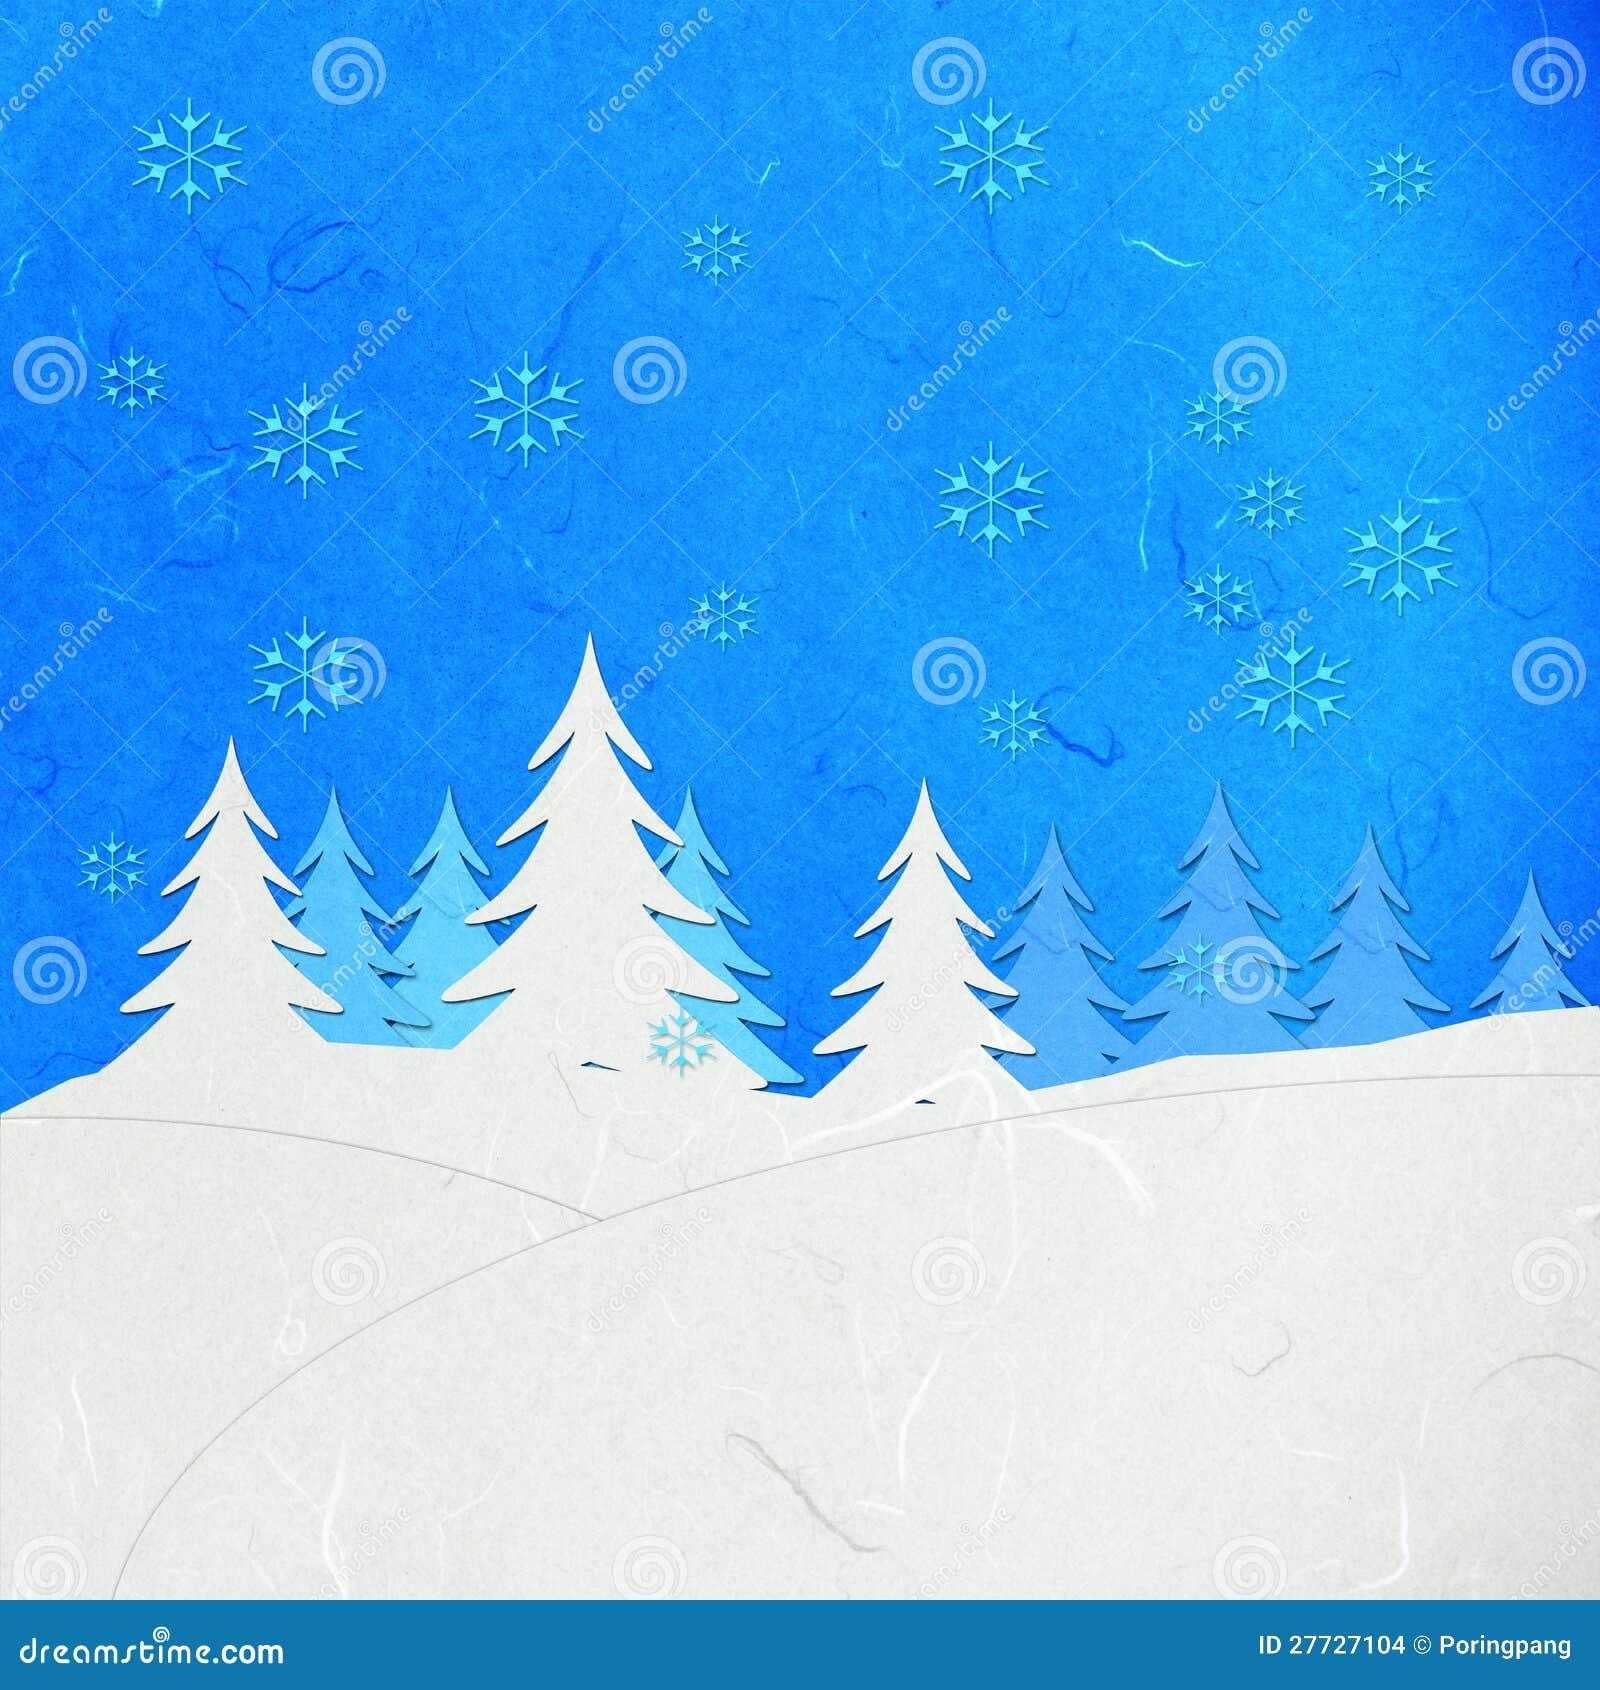 Reispapier-Schnitwinterlandschaft mit Schnee